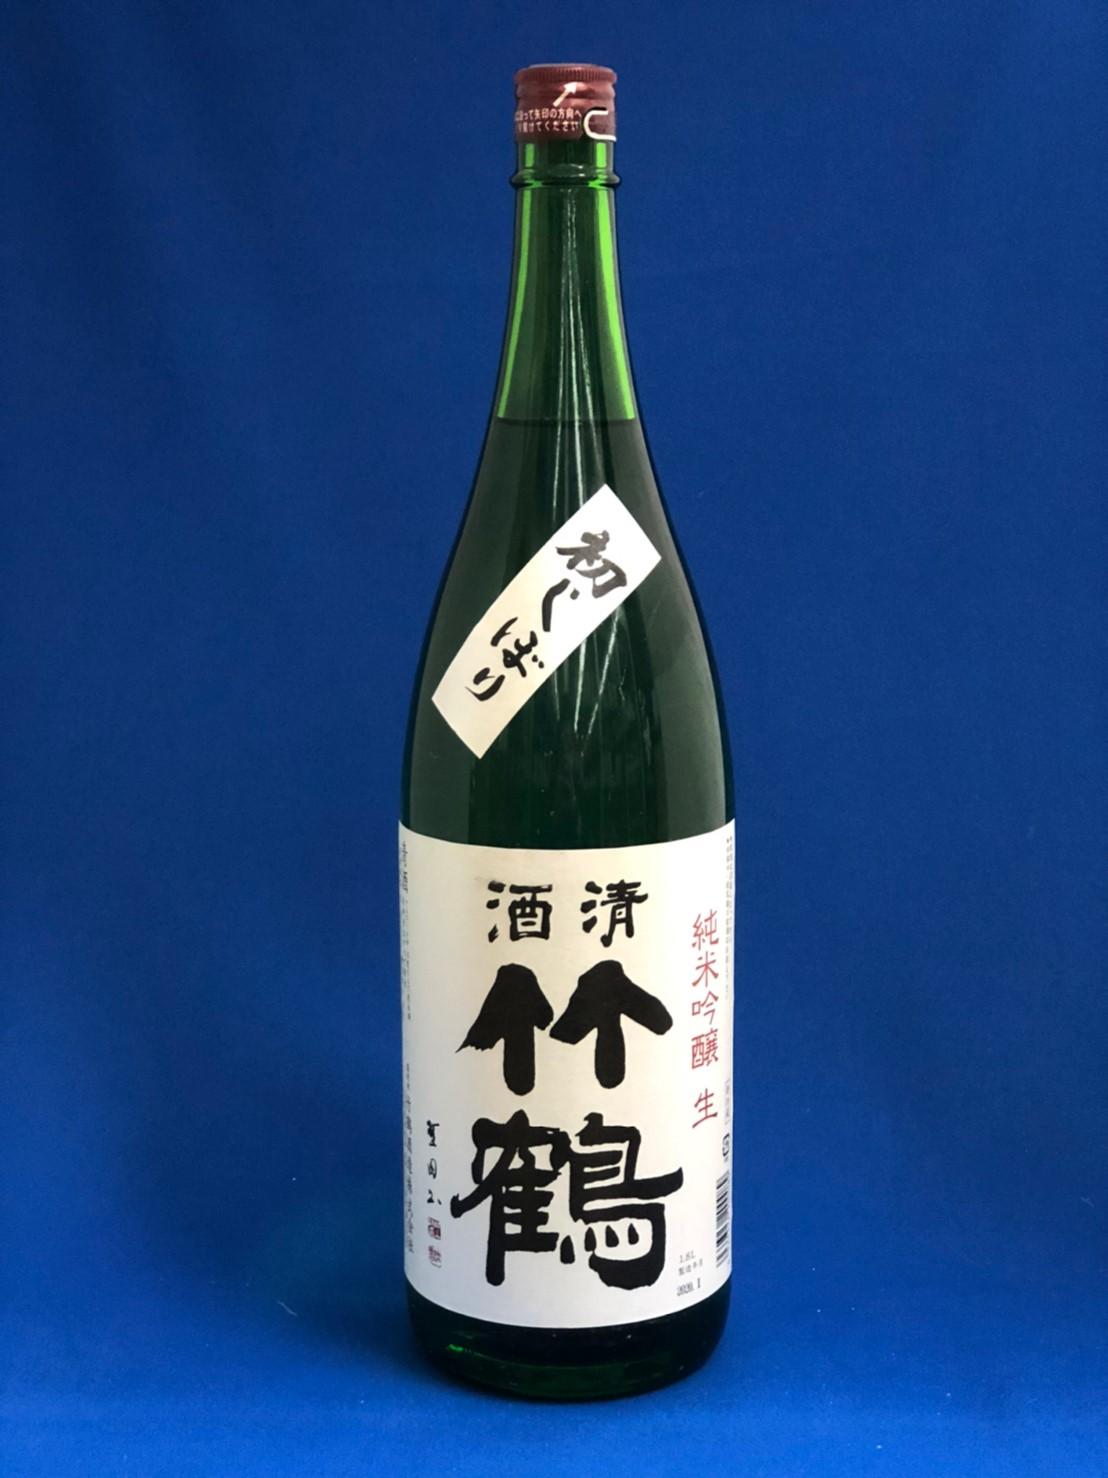 竹鶴 純米吟醸生 初しぼり